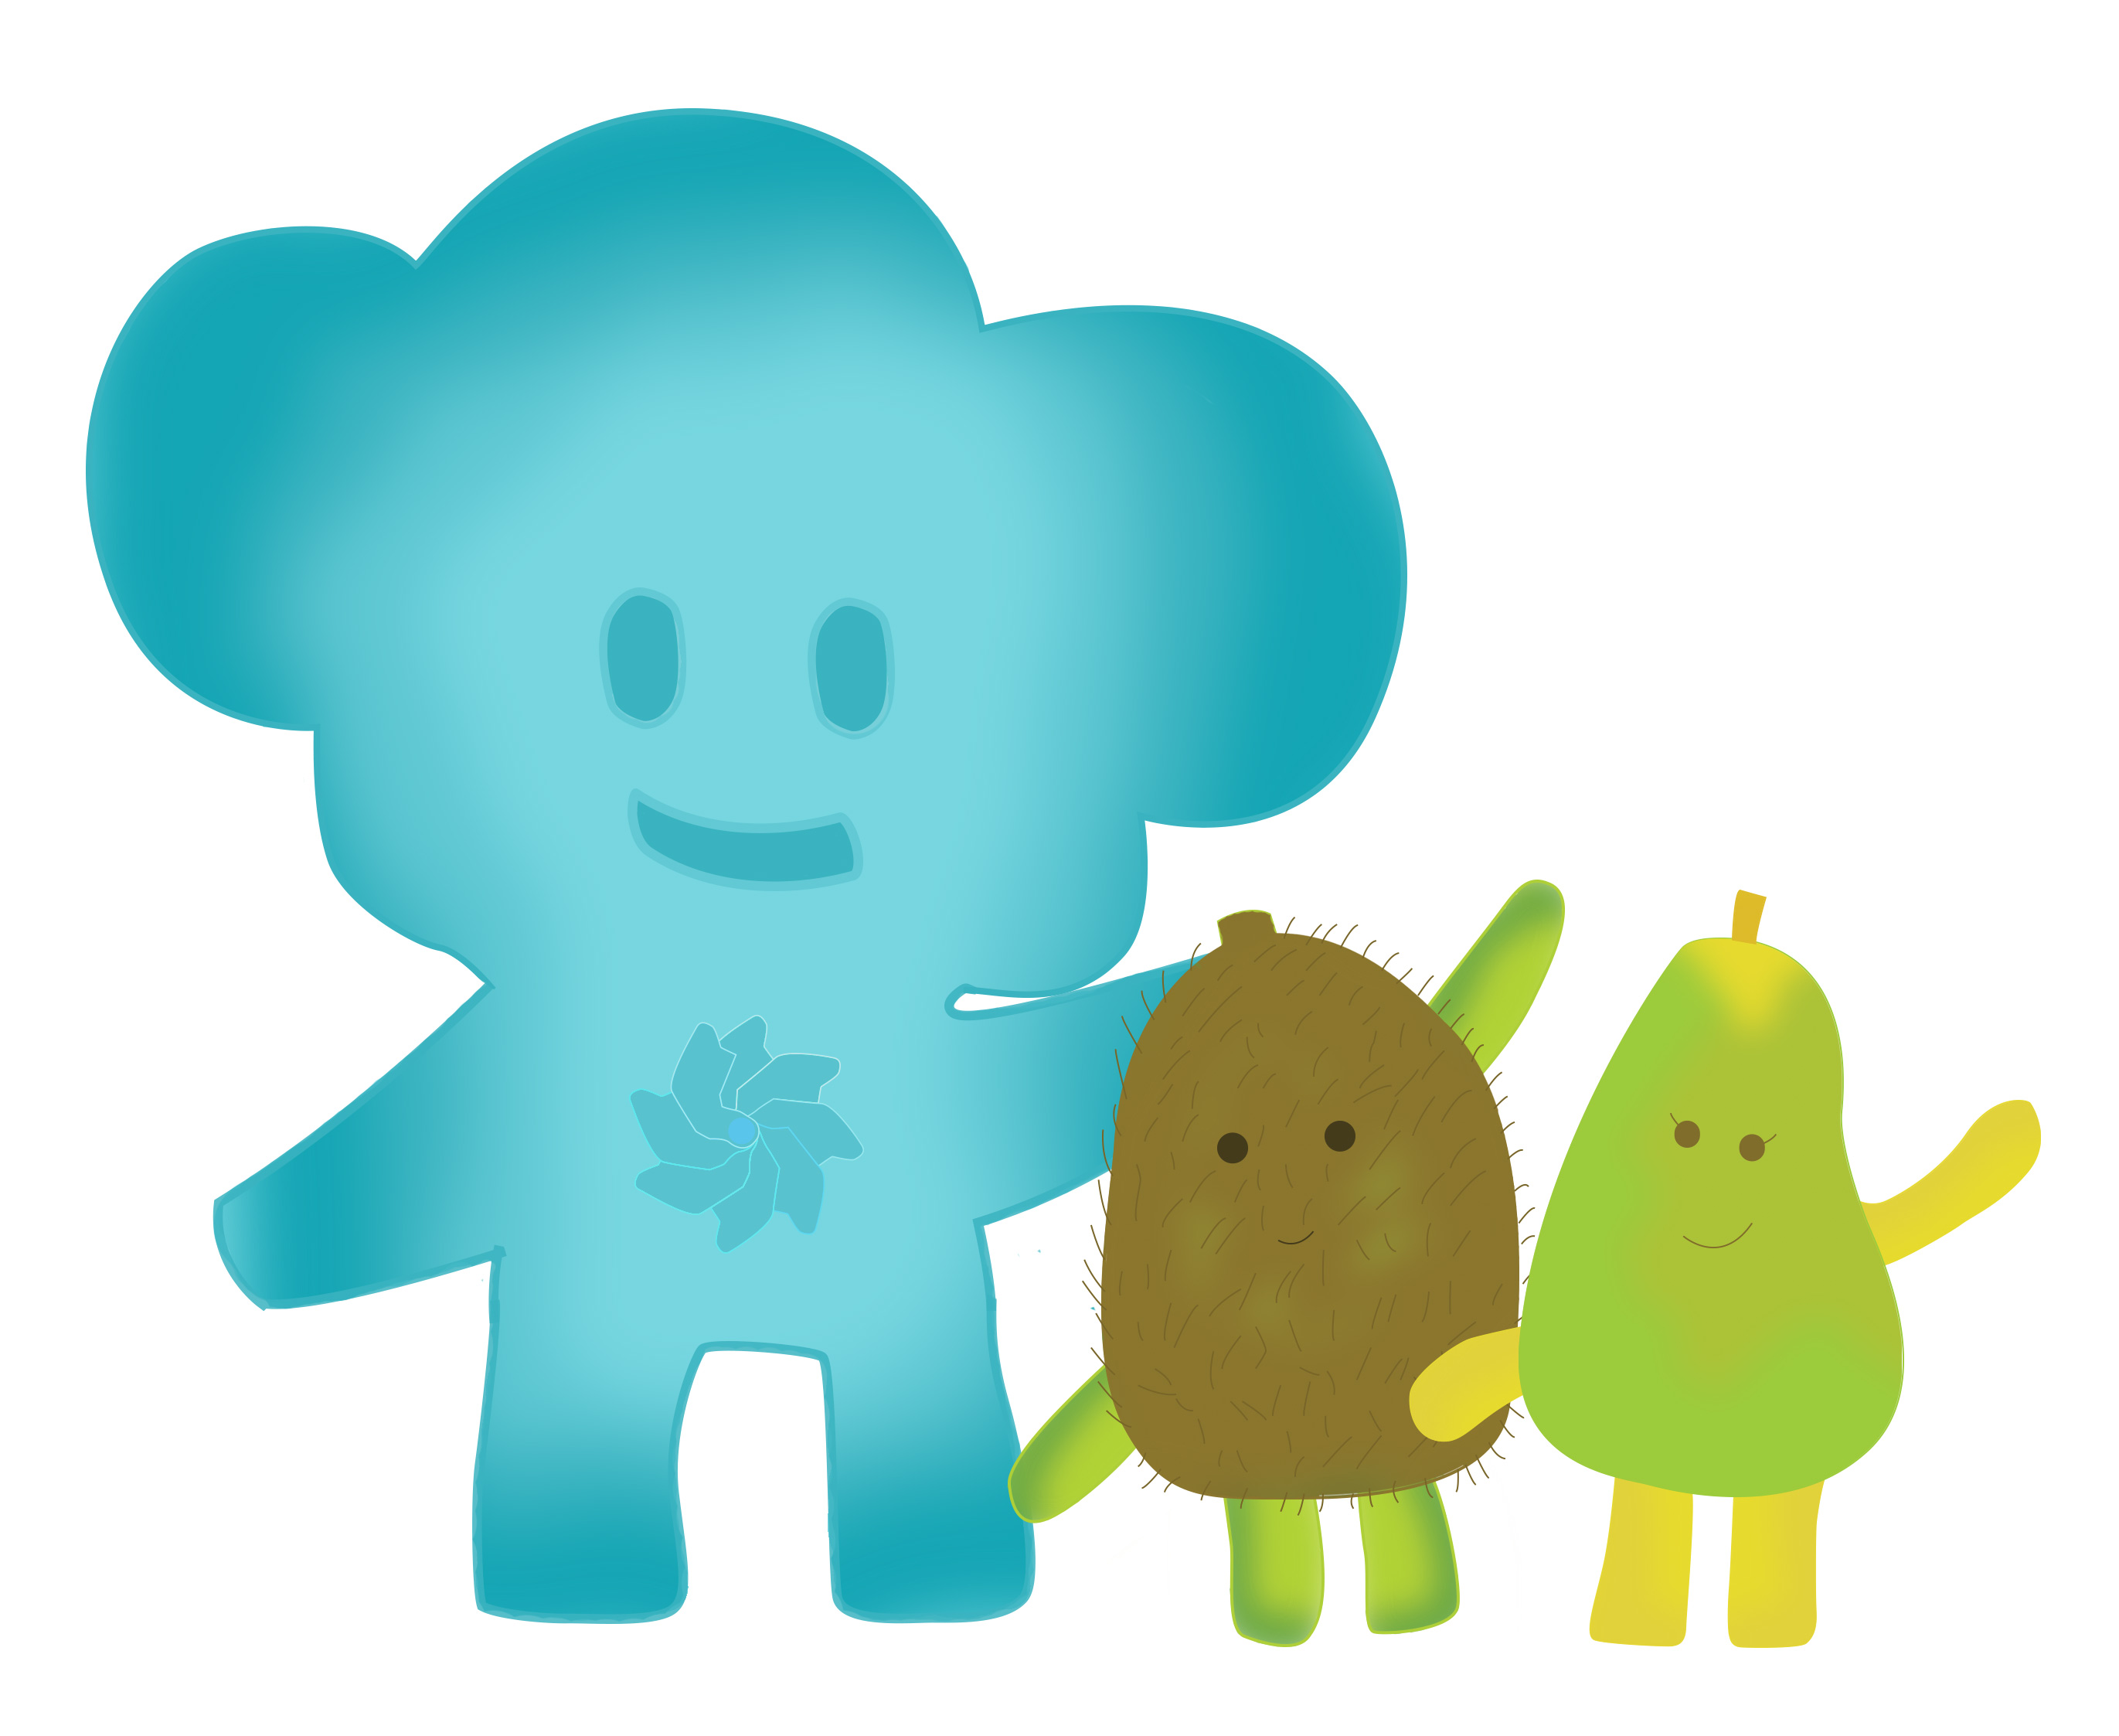 Kiwi_characters